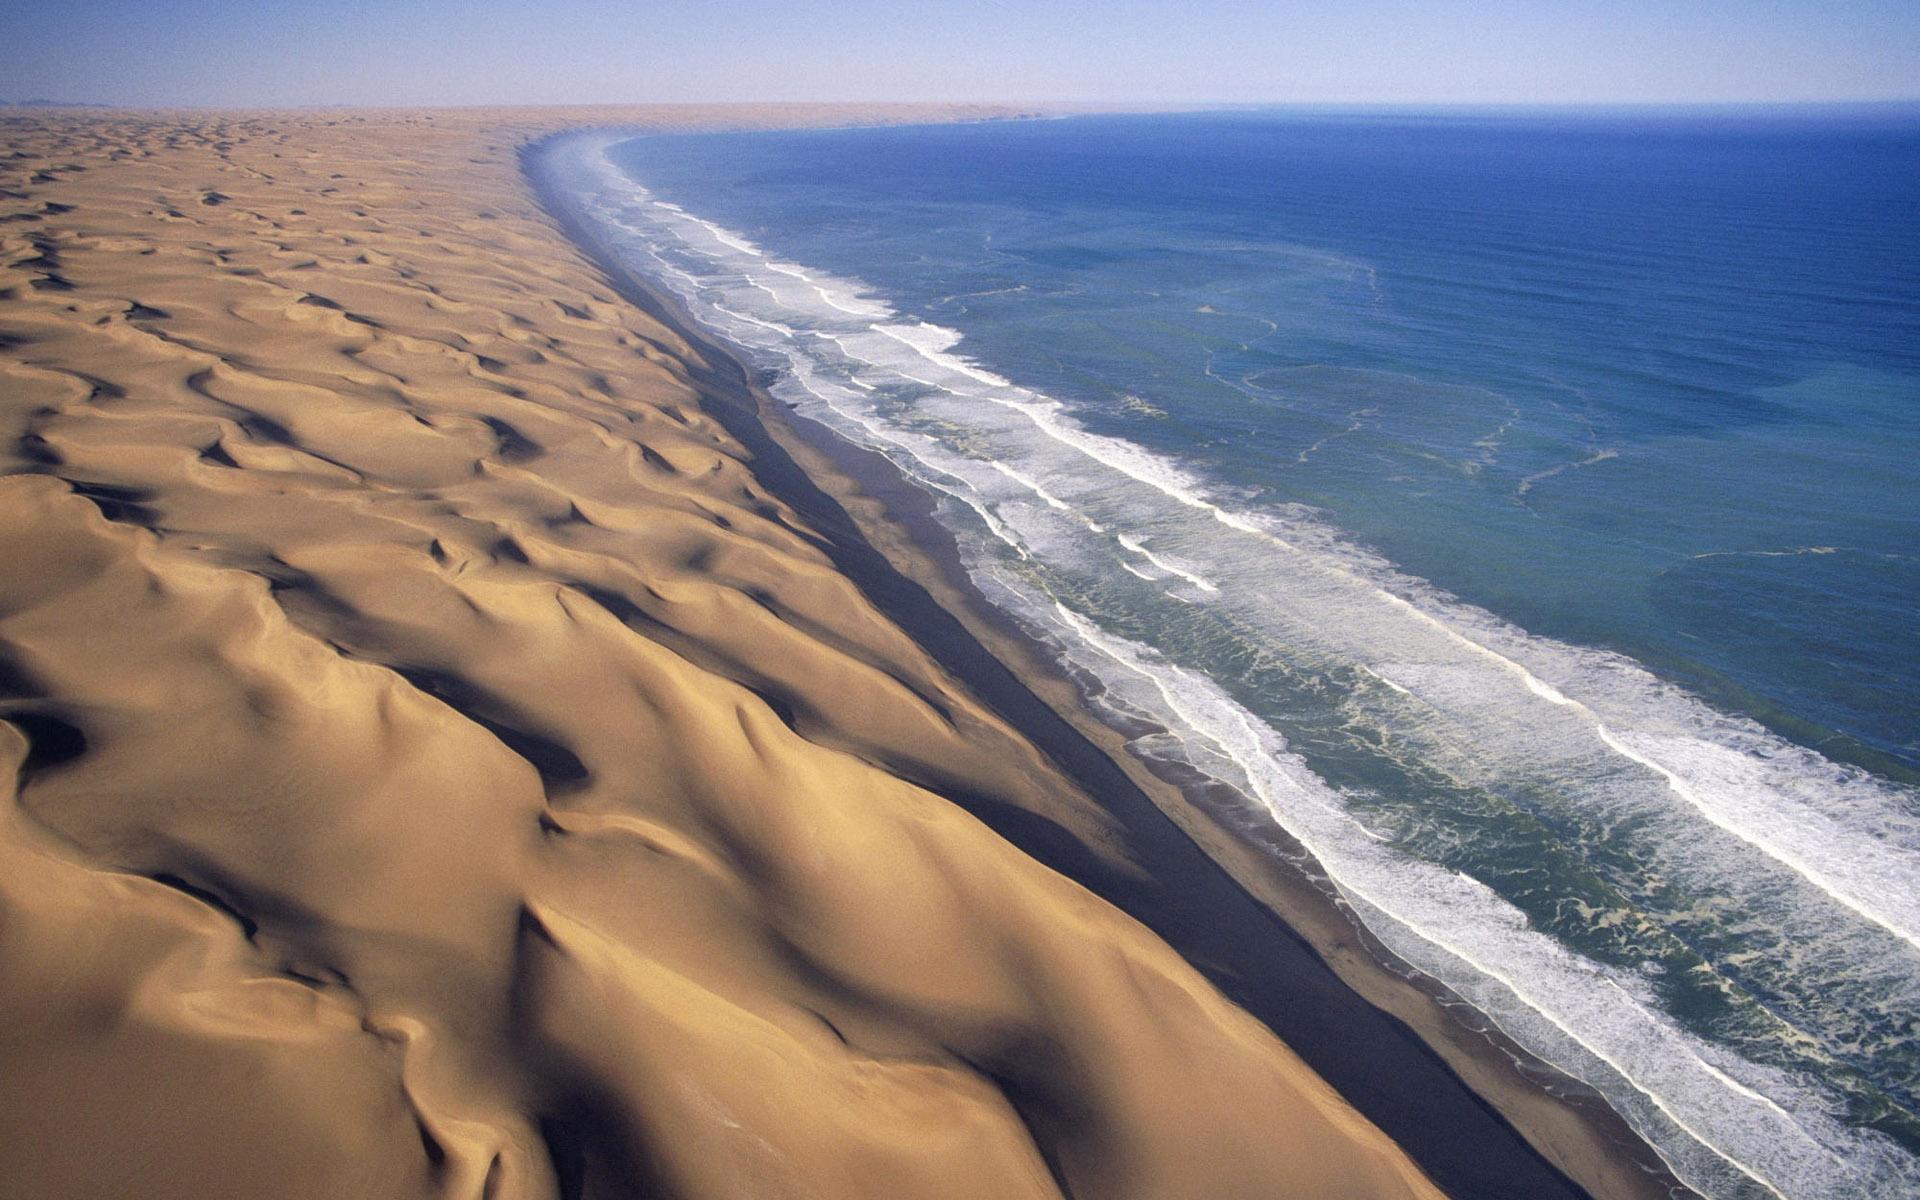 ساحل شنی - نزیدیکی بهشت و جهنم زمینی